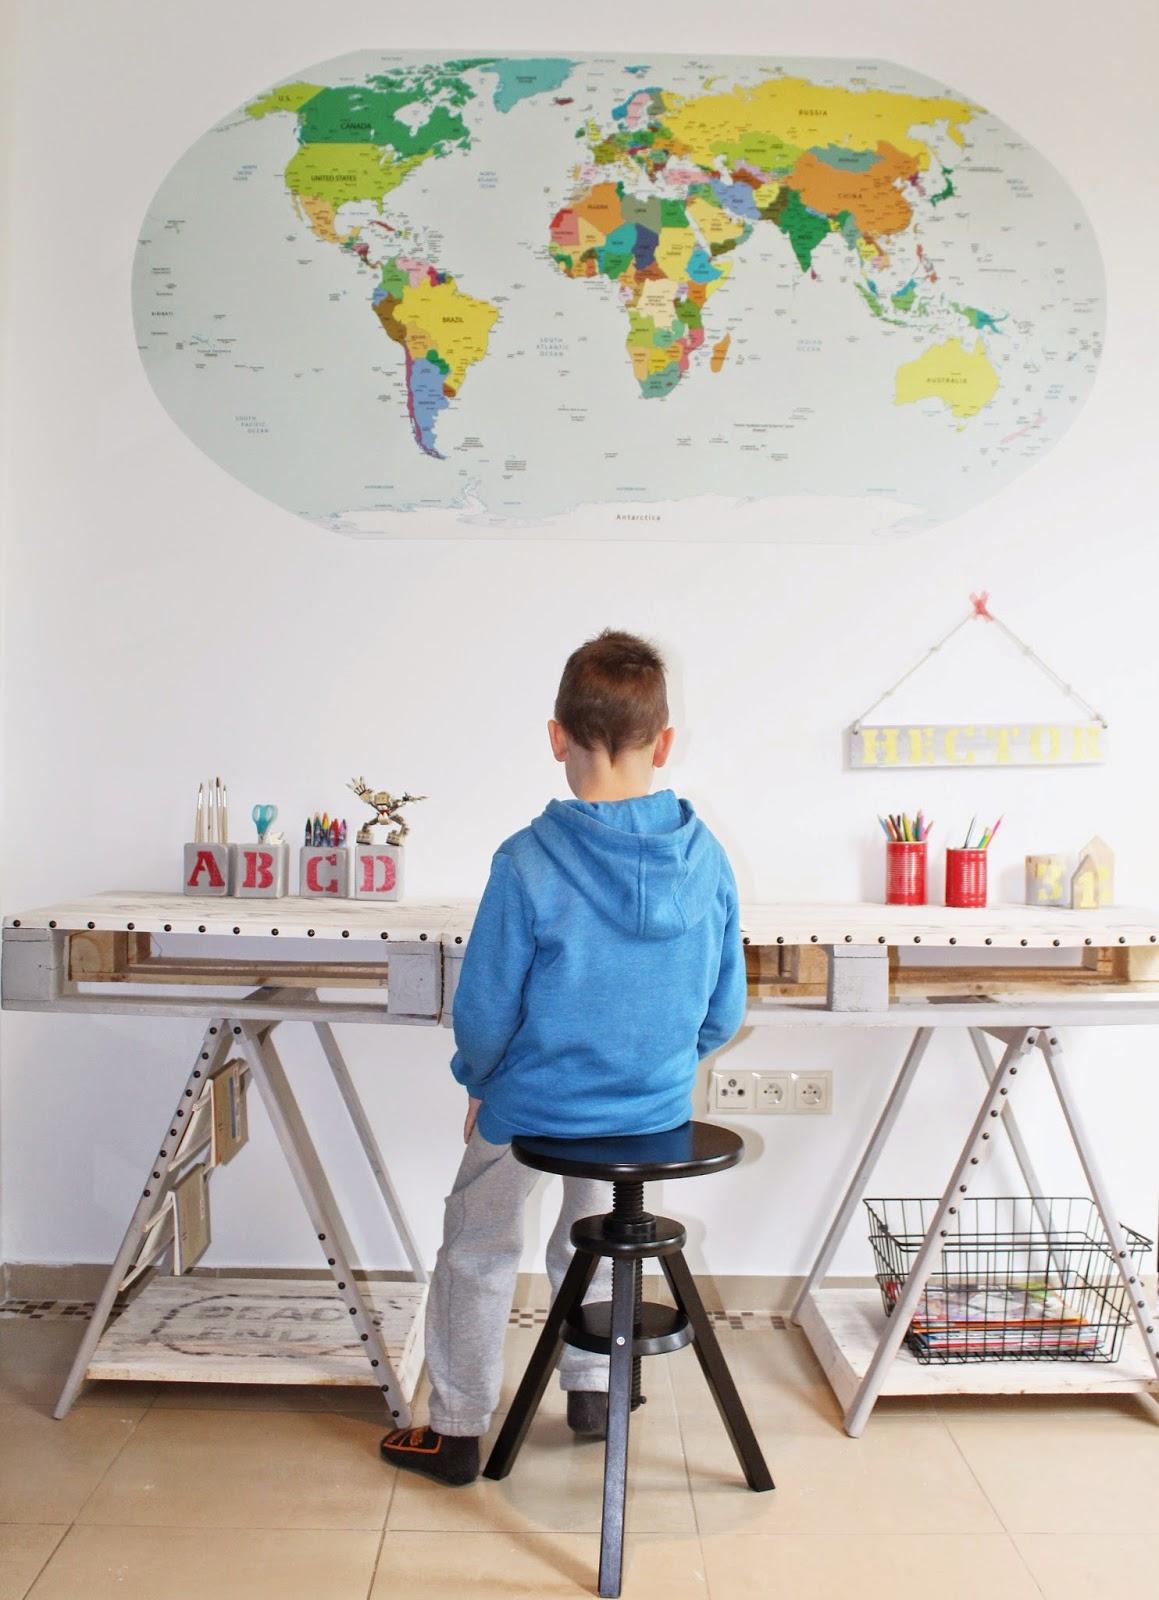 białe ściany kolorowe dodatki inspiracje,pinterest,jak urządzic pokój dziecku,trendy na naklejki,pixers